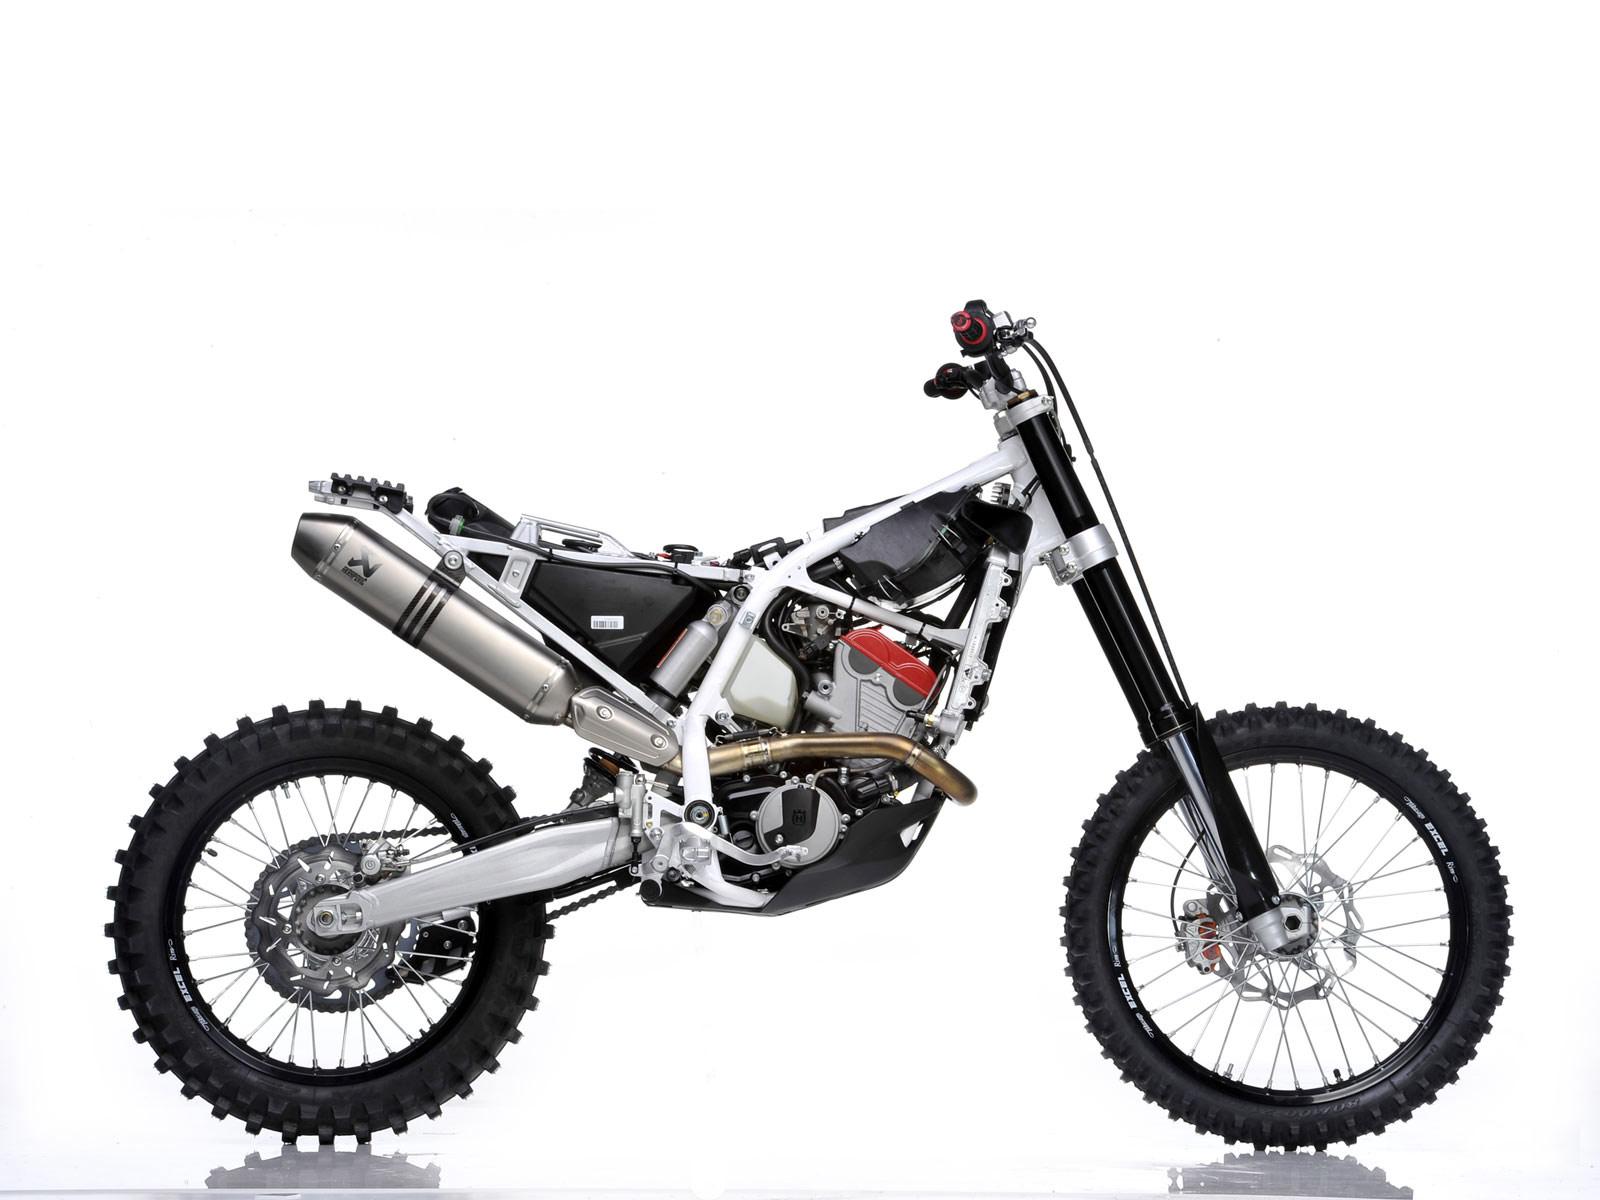 Husqvarna Tc 449 Motorcycle Pictures